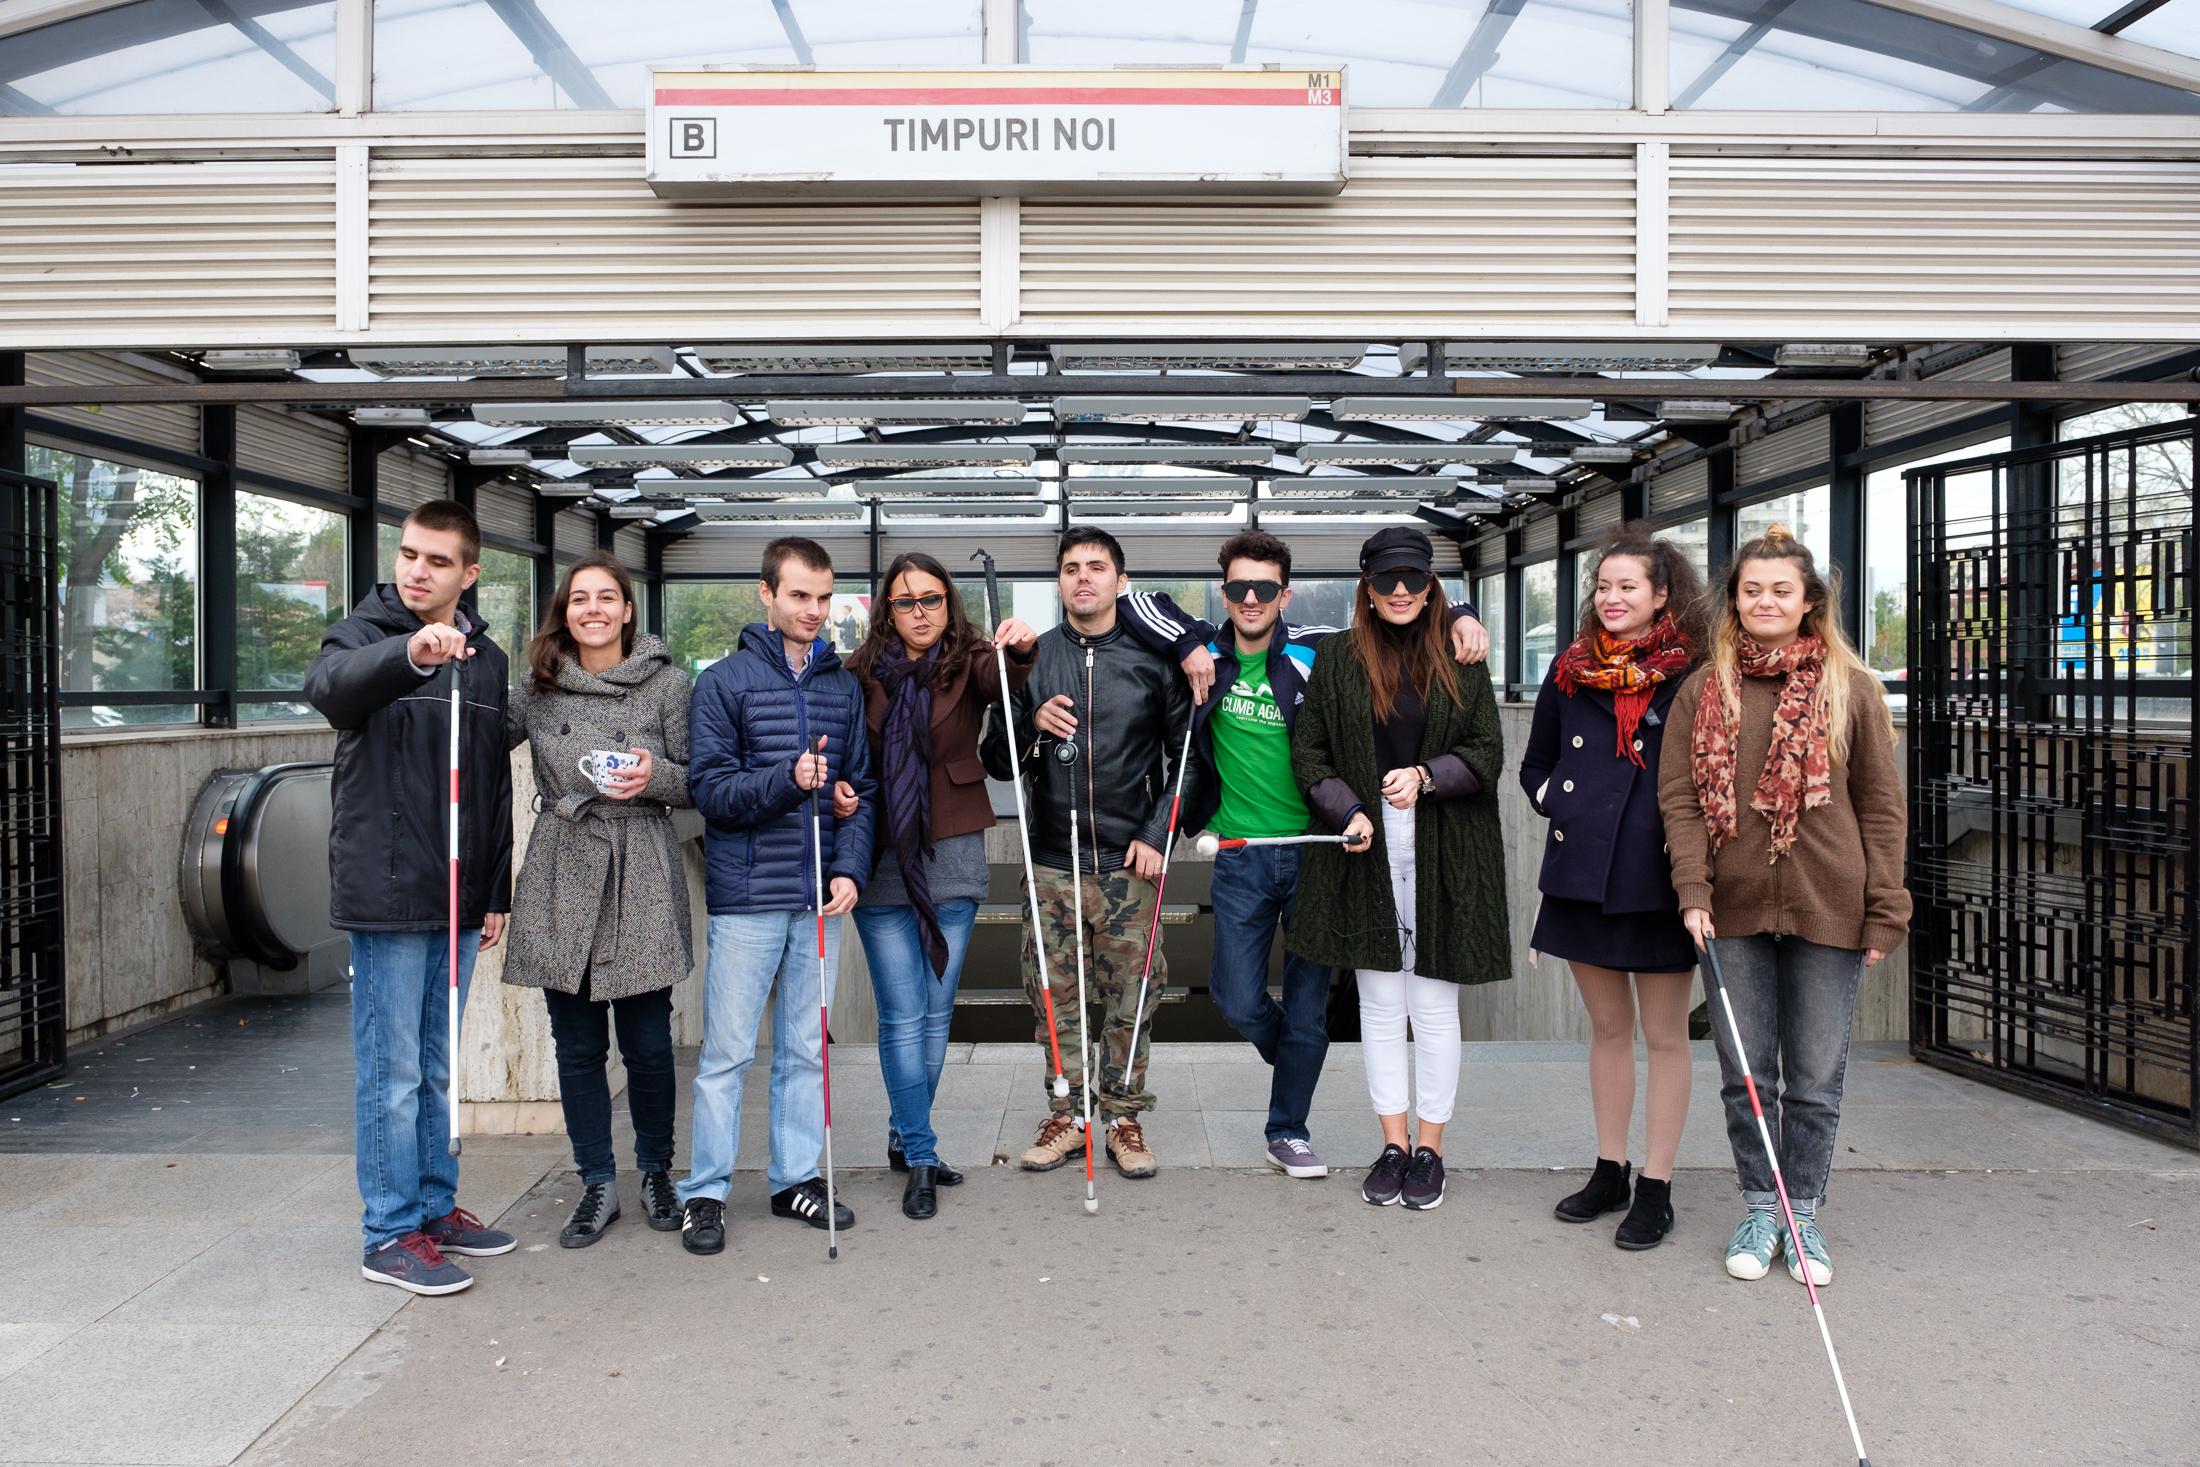 CMU Senseability - atelier de mobilitate clasica. Participanti la statia de metrou Timpuri Noi, Bucuresti.